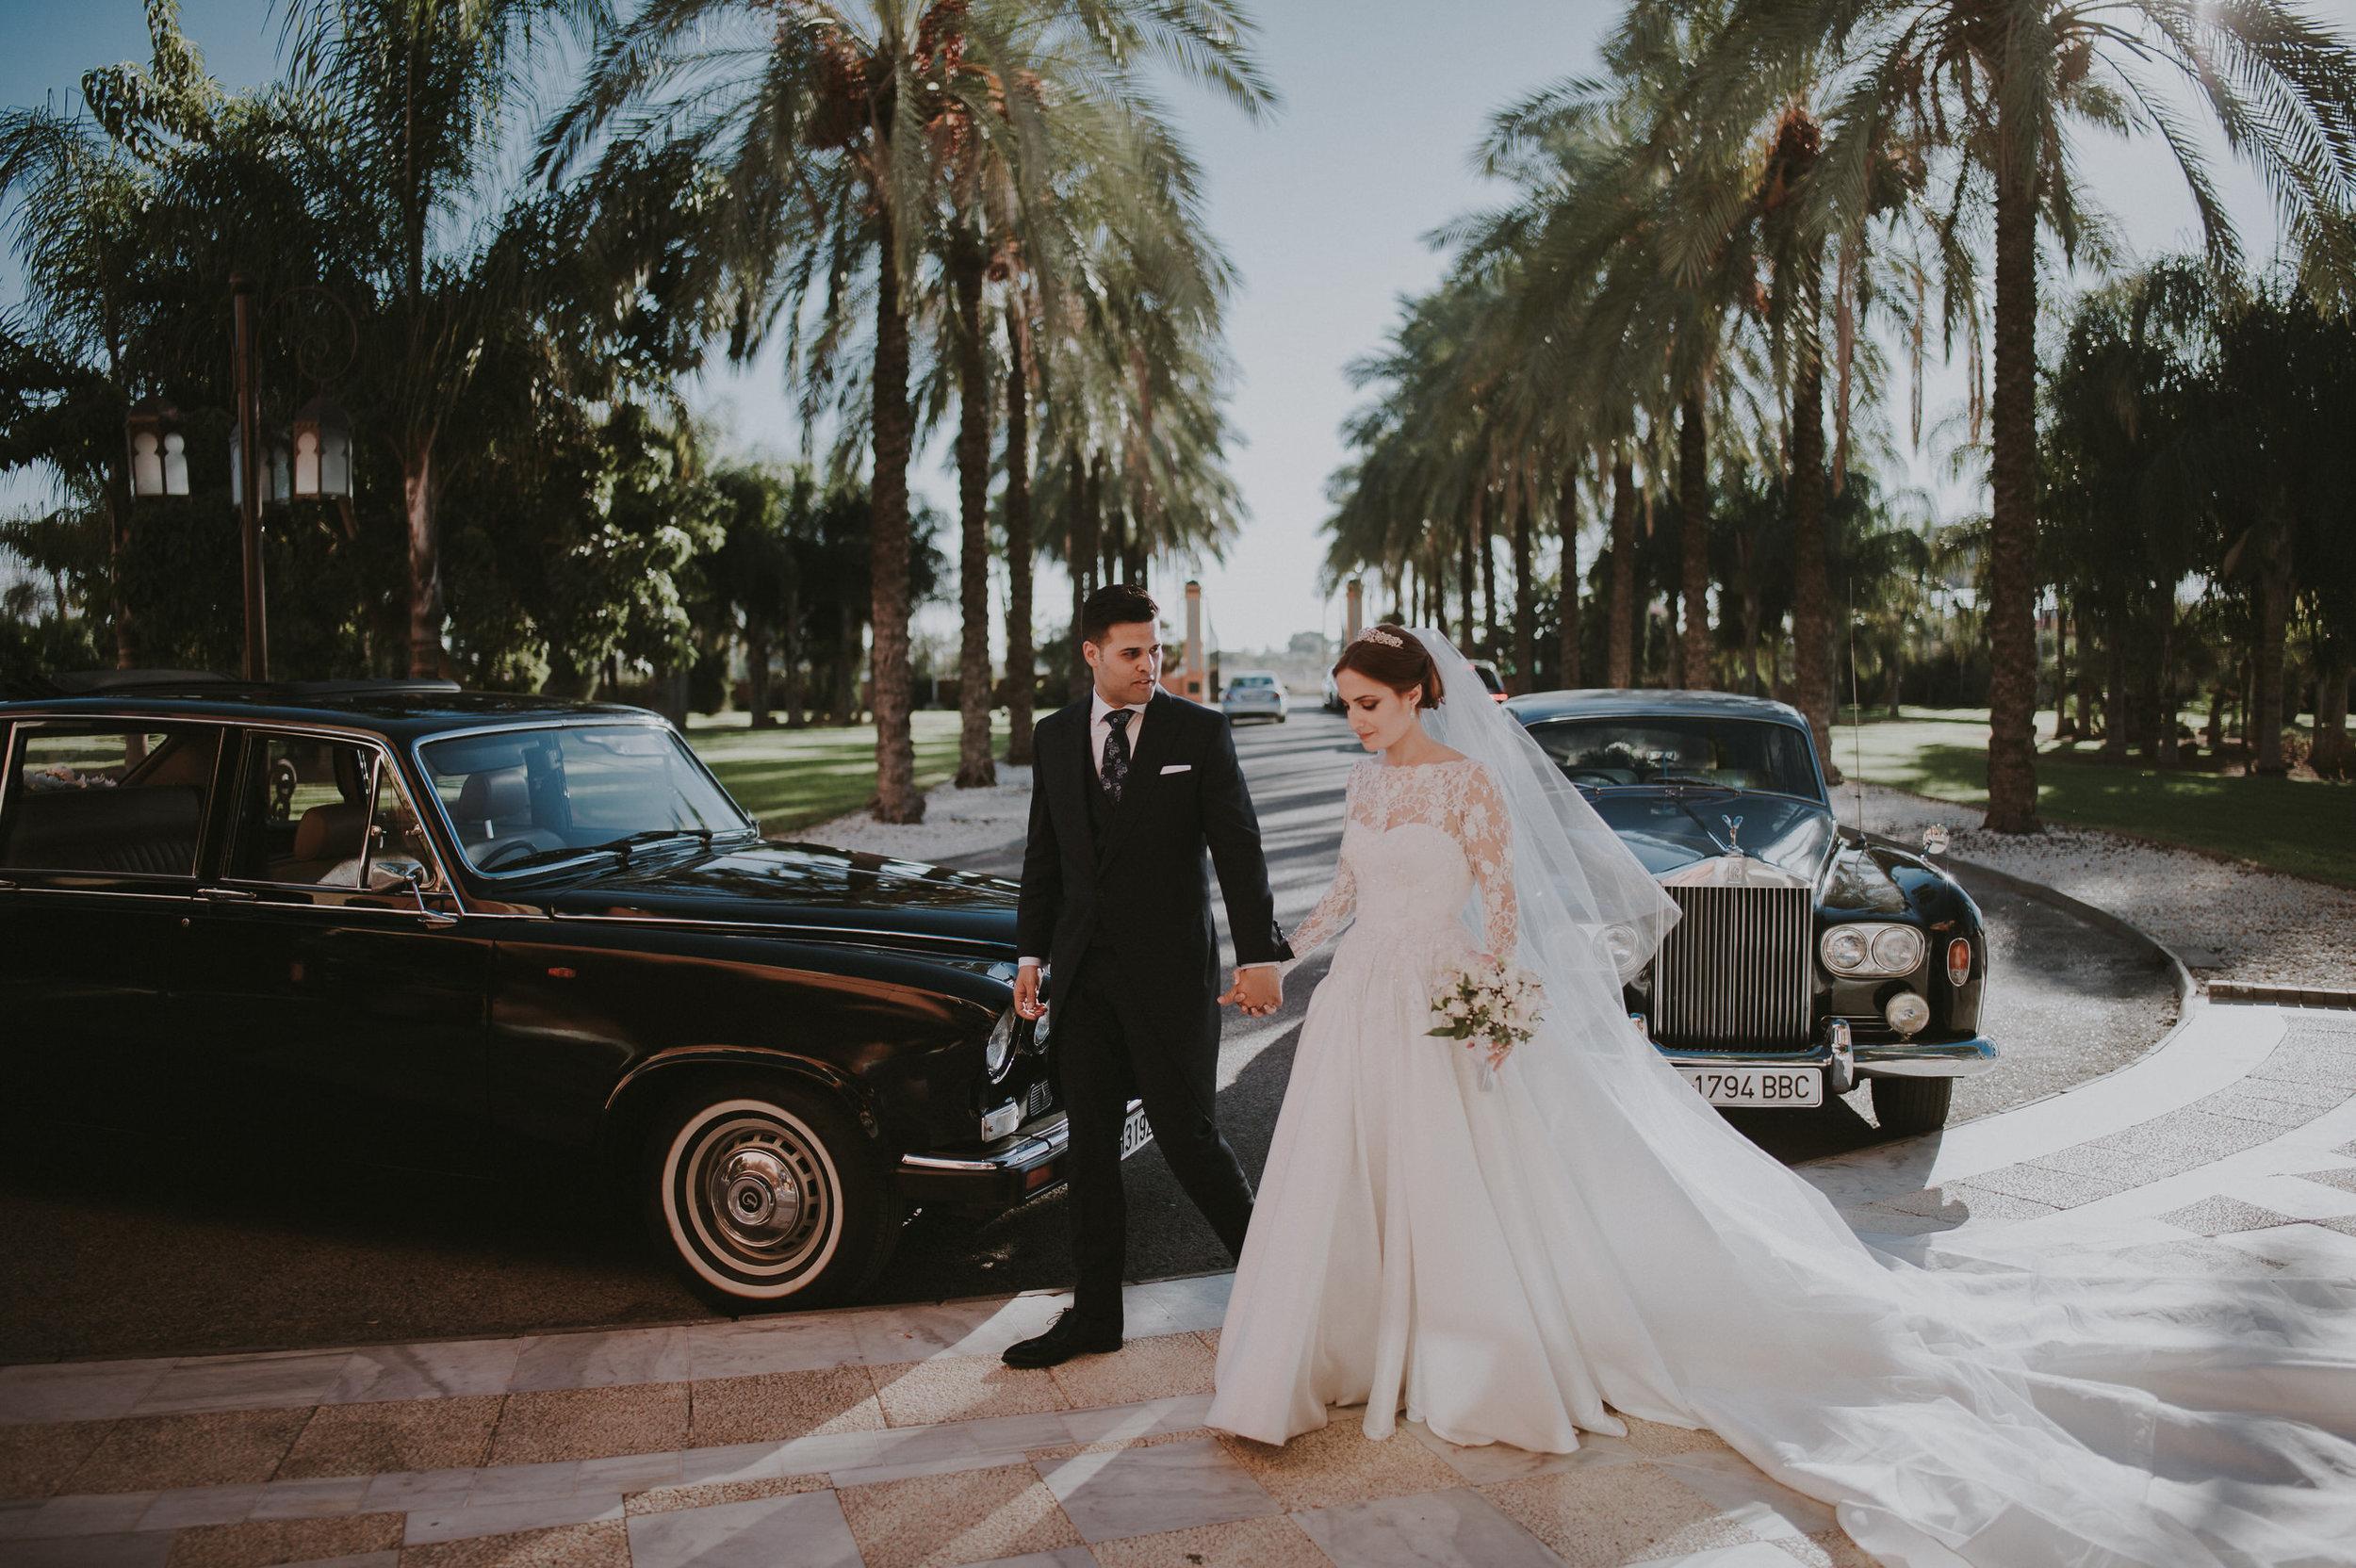 Andrés+Amarillo+fotografo+boda+Utrera+Dos+Hermanas+Santa+Maria+la+blanca+albaraca+Ivan+Campaña+los+tumbao (17).JPG